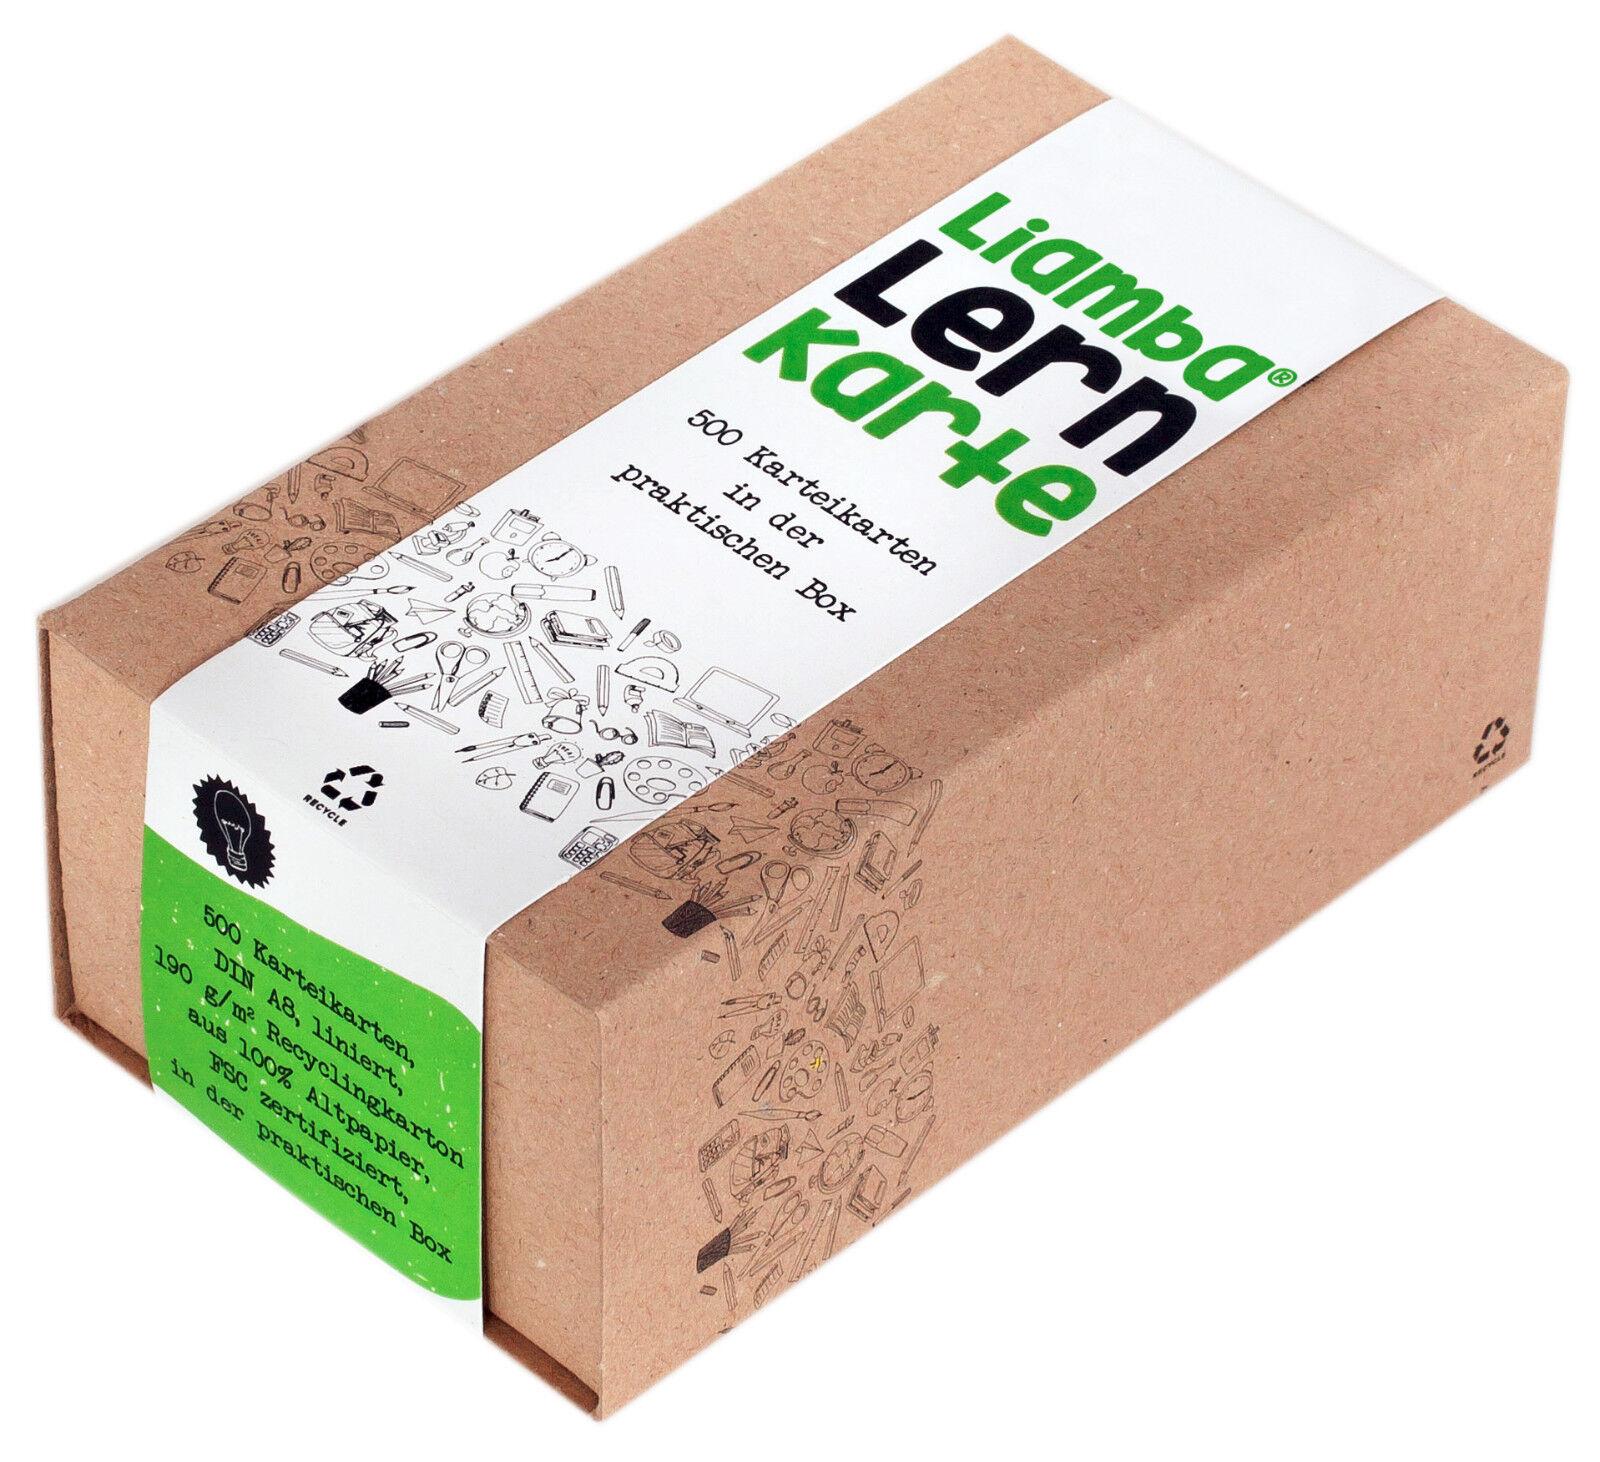 Liamba Lernkarte | 500 Karteikarten in der praktischen Lernbox | DIN A8 Format